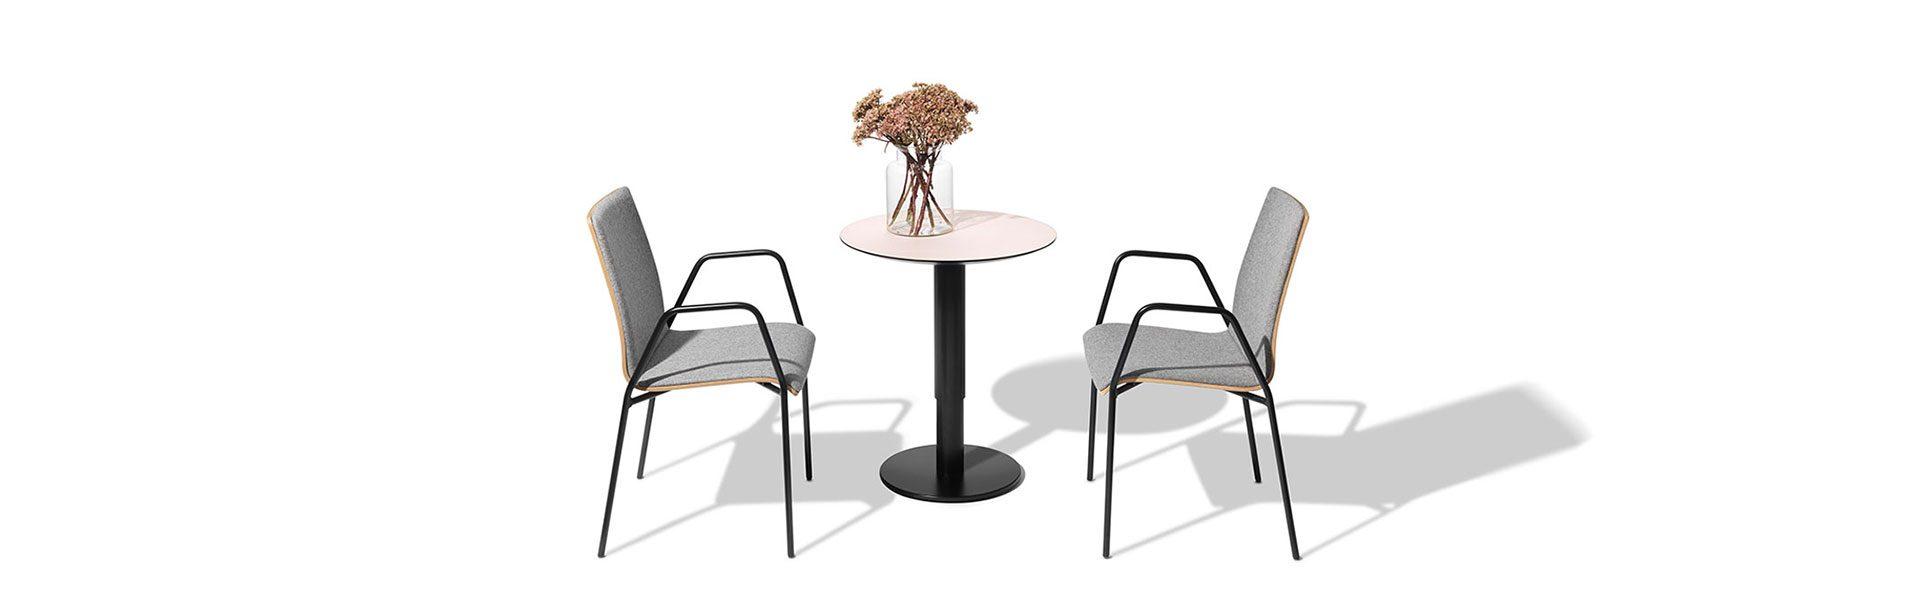 malschersitzmoebel-stuhl-beistelltisch-225